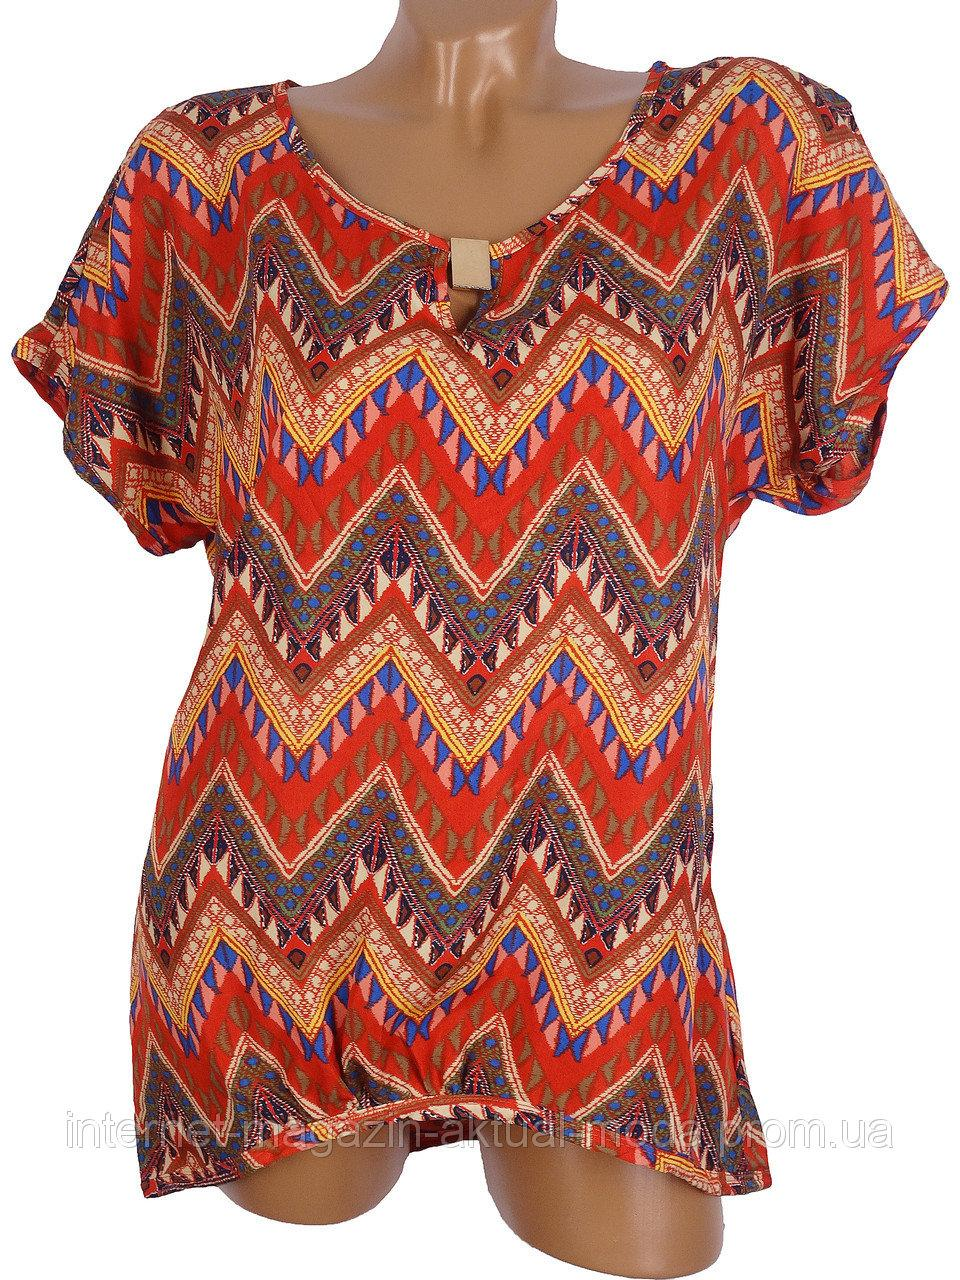 Легкая блуза-туника с узором (в расцветках 46-50)